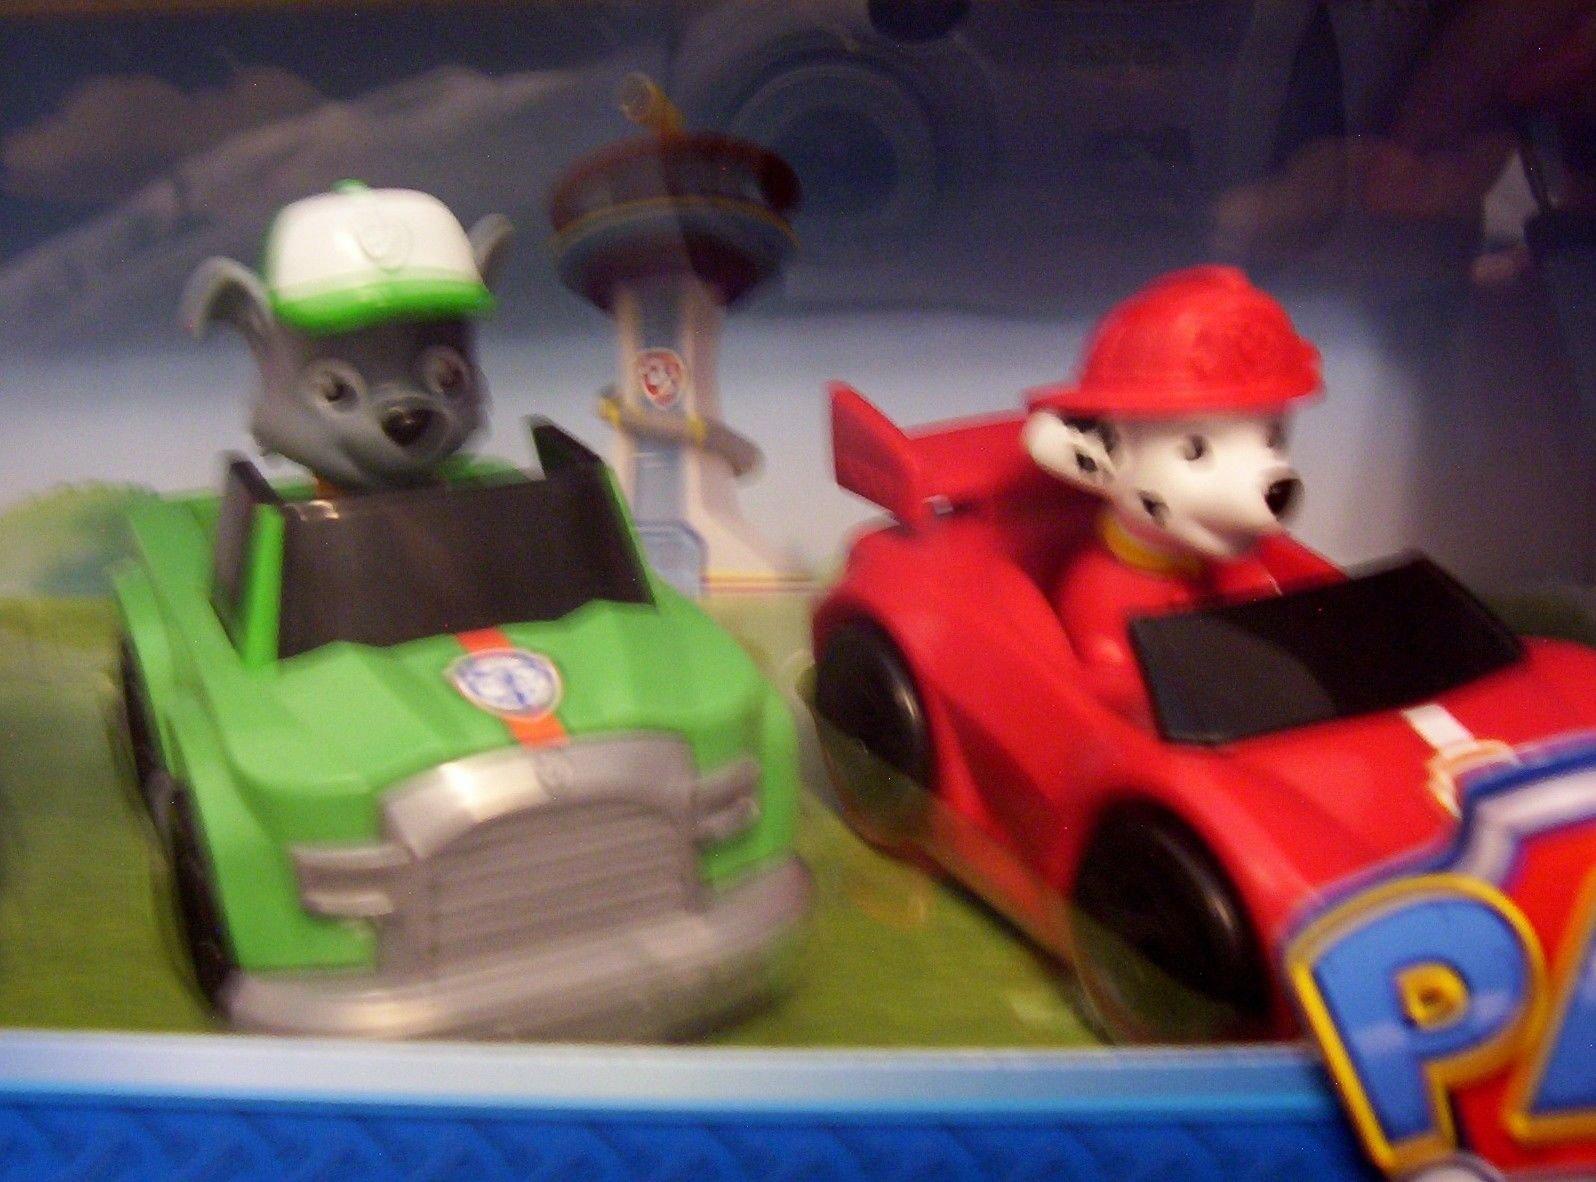 Pack de 6 Paw Patrol Racers, Set de Coches Patrulla Canina Que Incluye Chase, Zuma, Rubble, Skye, Rocky y Marshall Racers Nueva EDICIÓN 2017: Amazon.es: Juguetes y juegos